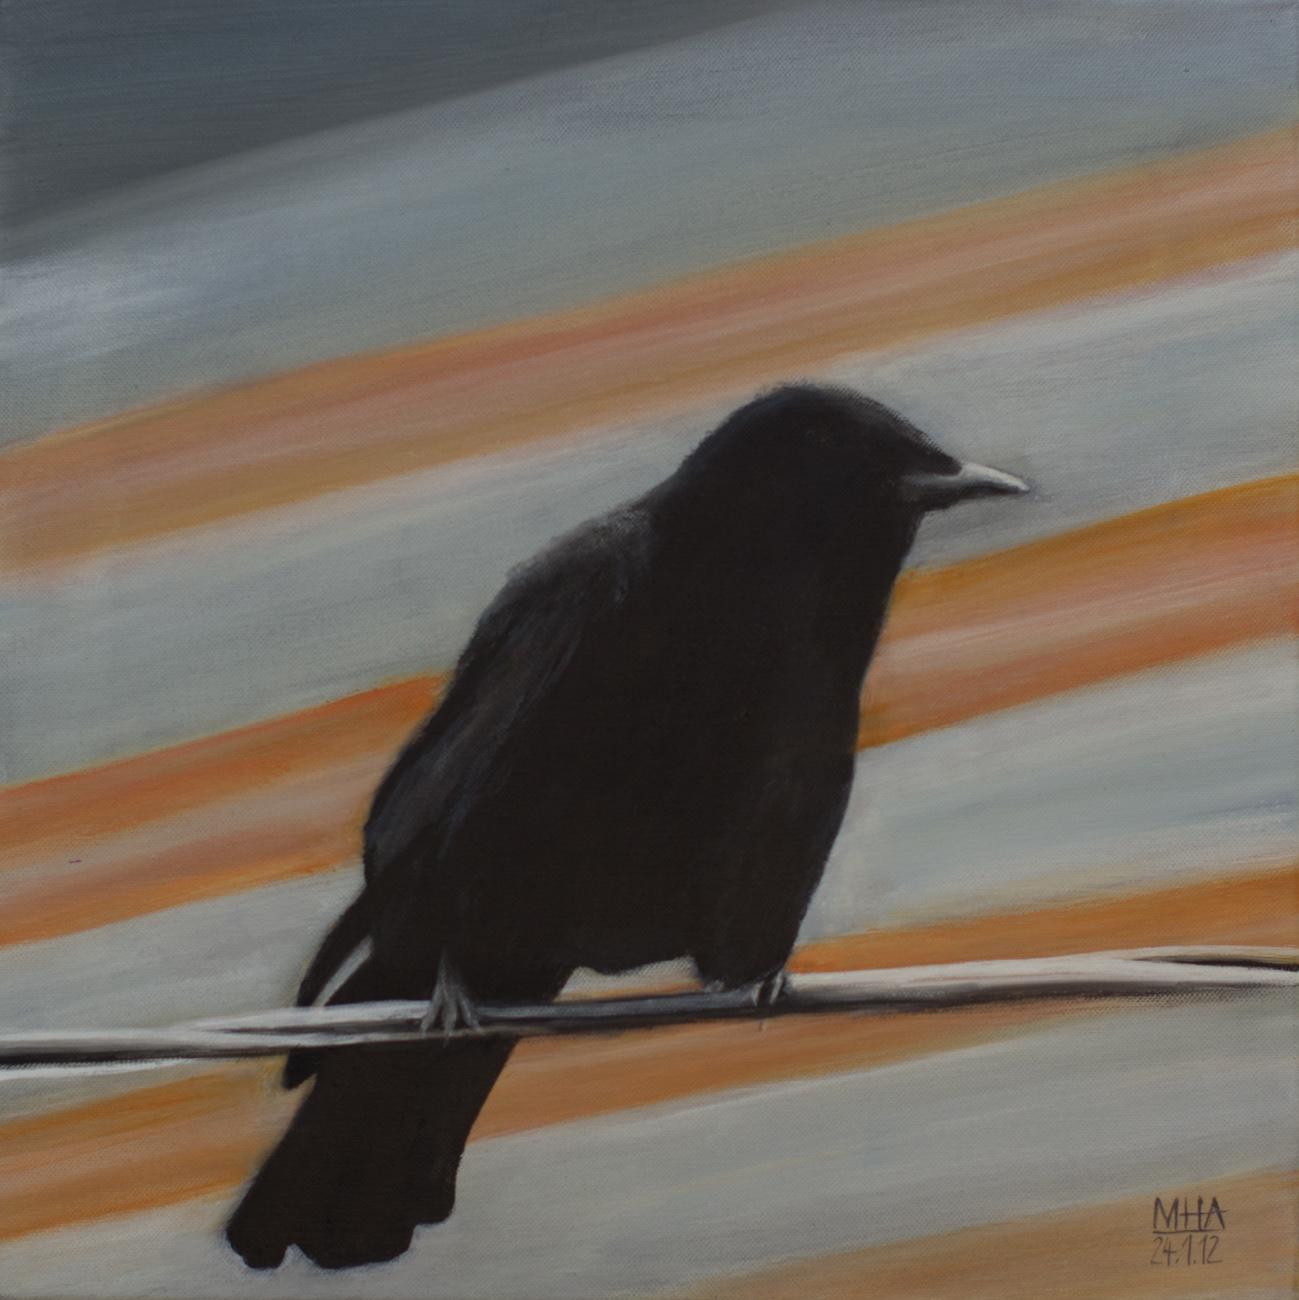 Krähe 6 , 2012,Acryl auf Leinwand, 40x40 cm